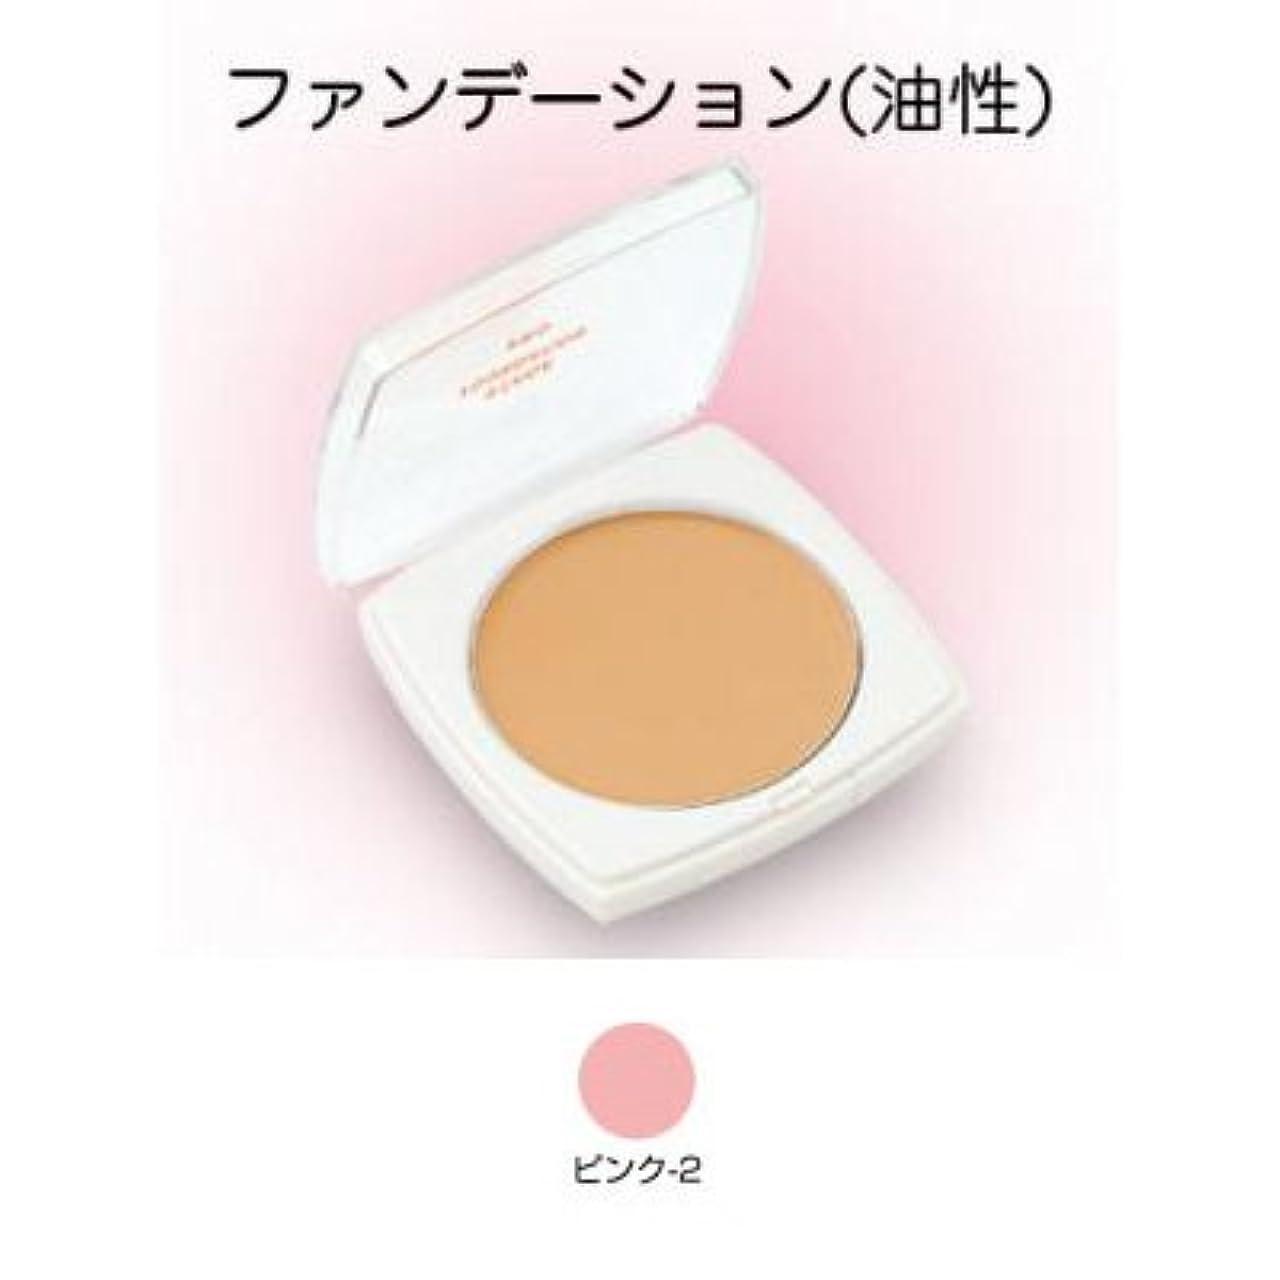 燃料ペイントモルヒネステージファンデーション プロ 13g ピンク-2 【三善】